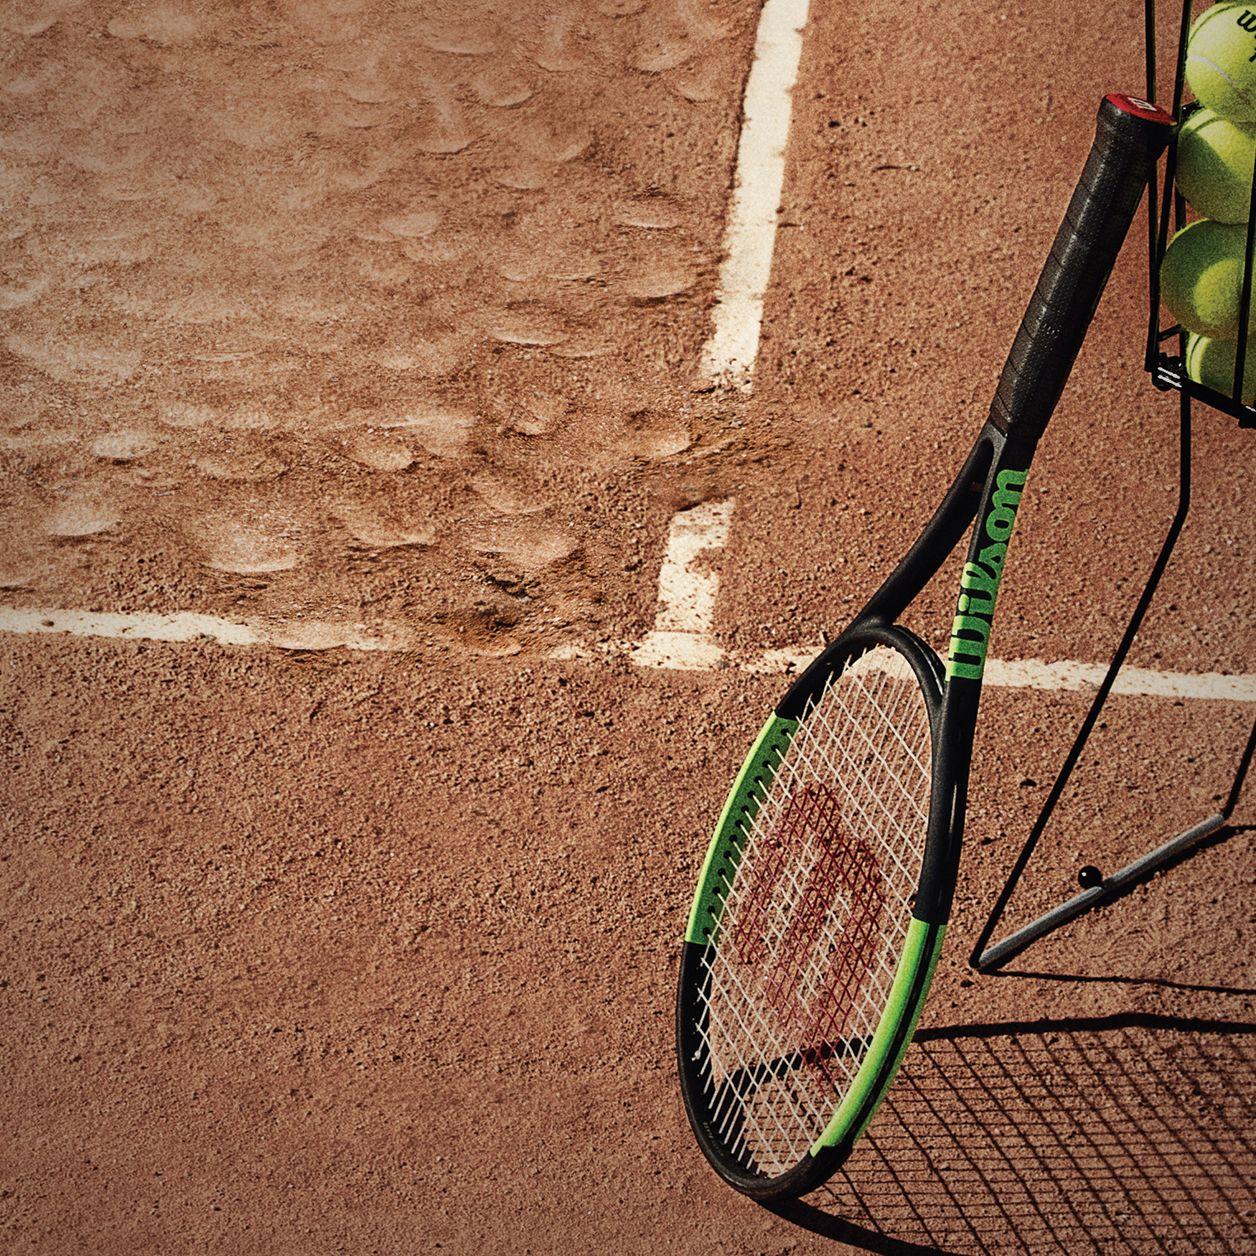 Wilson Blade 98 (16x19) CV   Blade   Tennis, Tennis racket